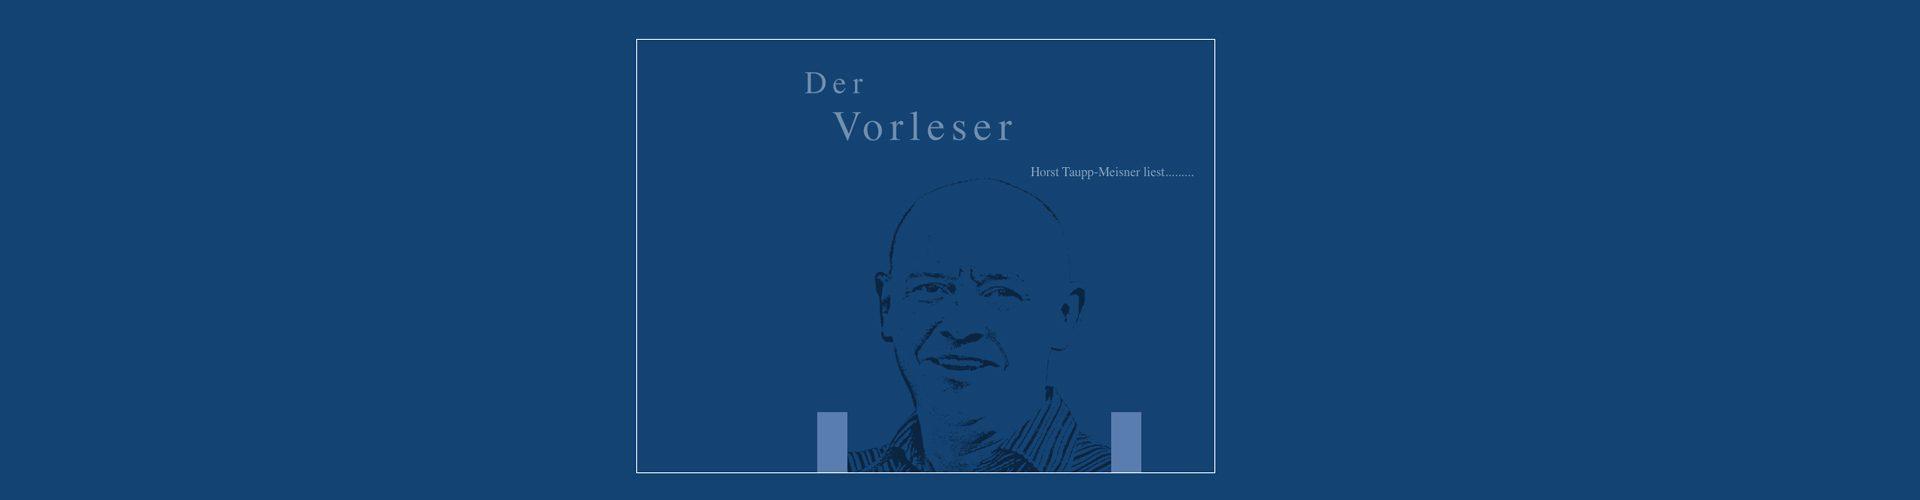 GraphikundGestaltung Grafik und Gestaltung Christoph Fincke Kunden:  Der Vorleser